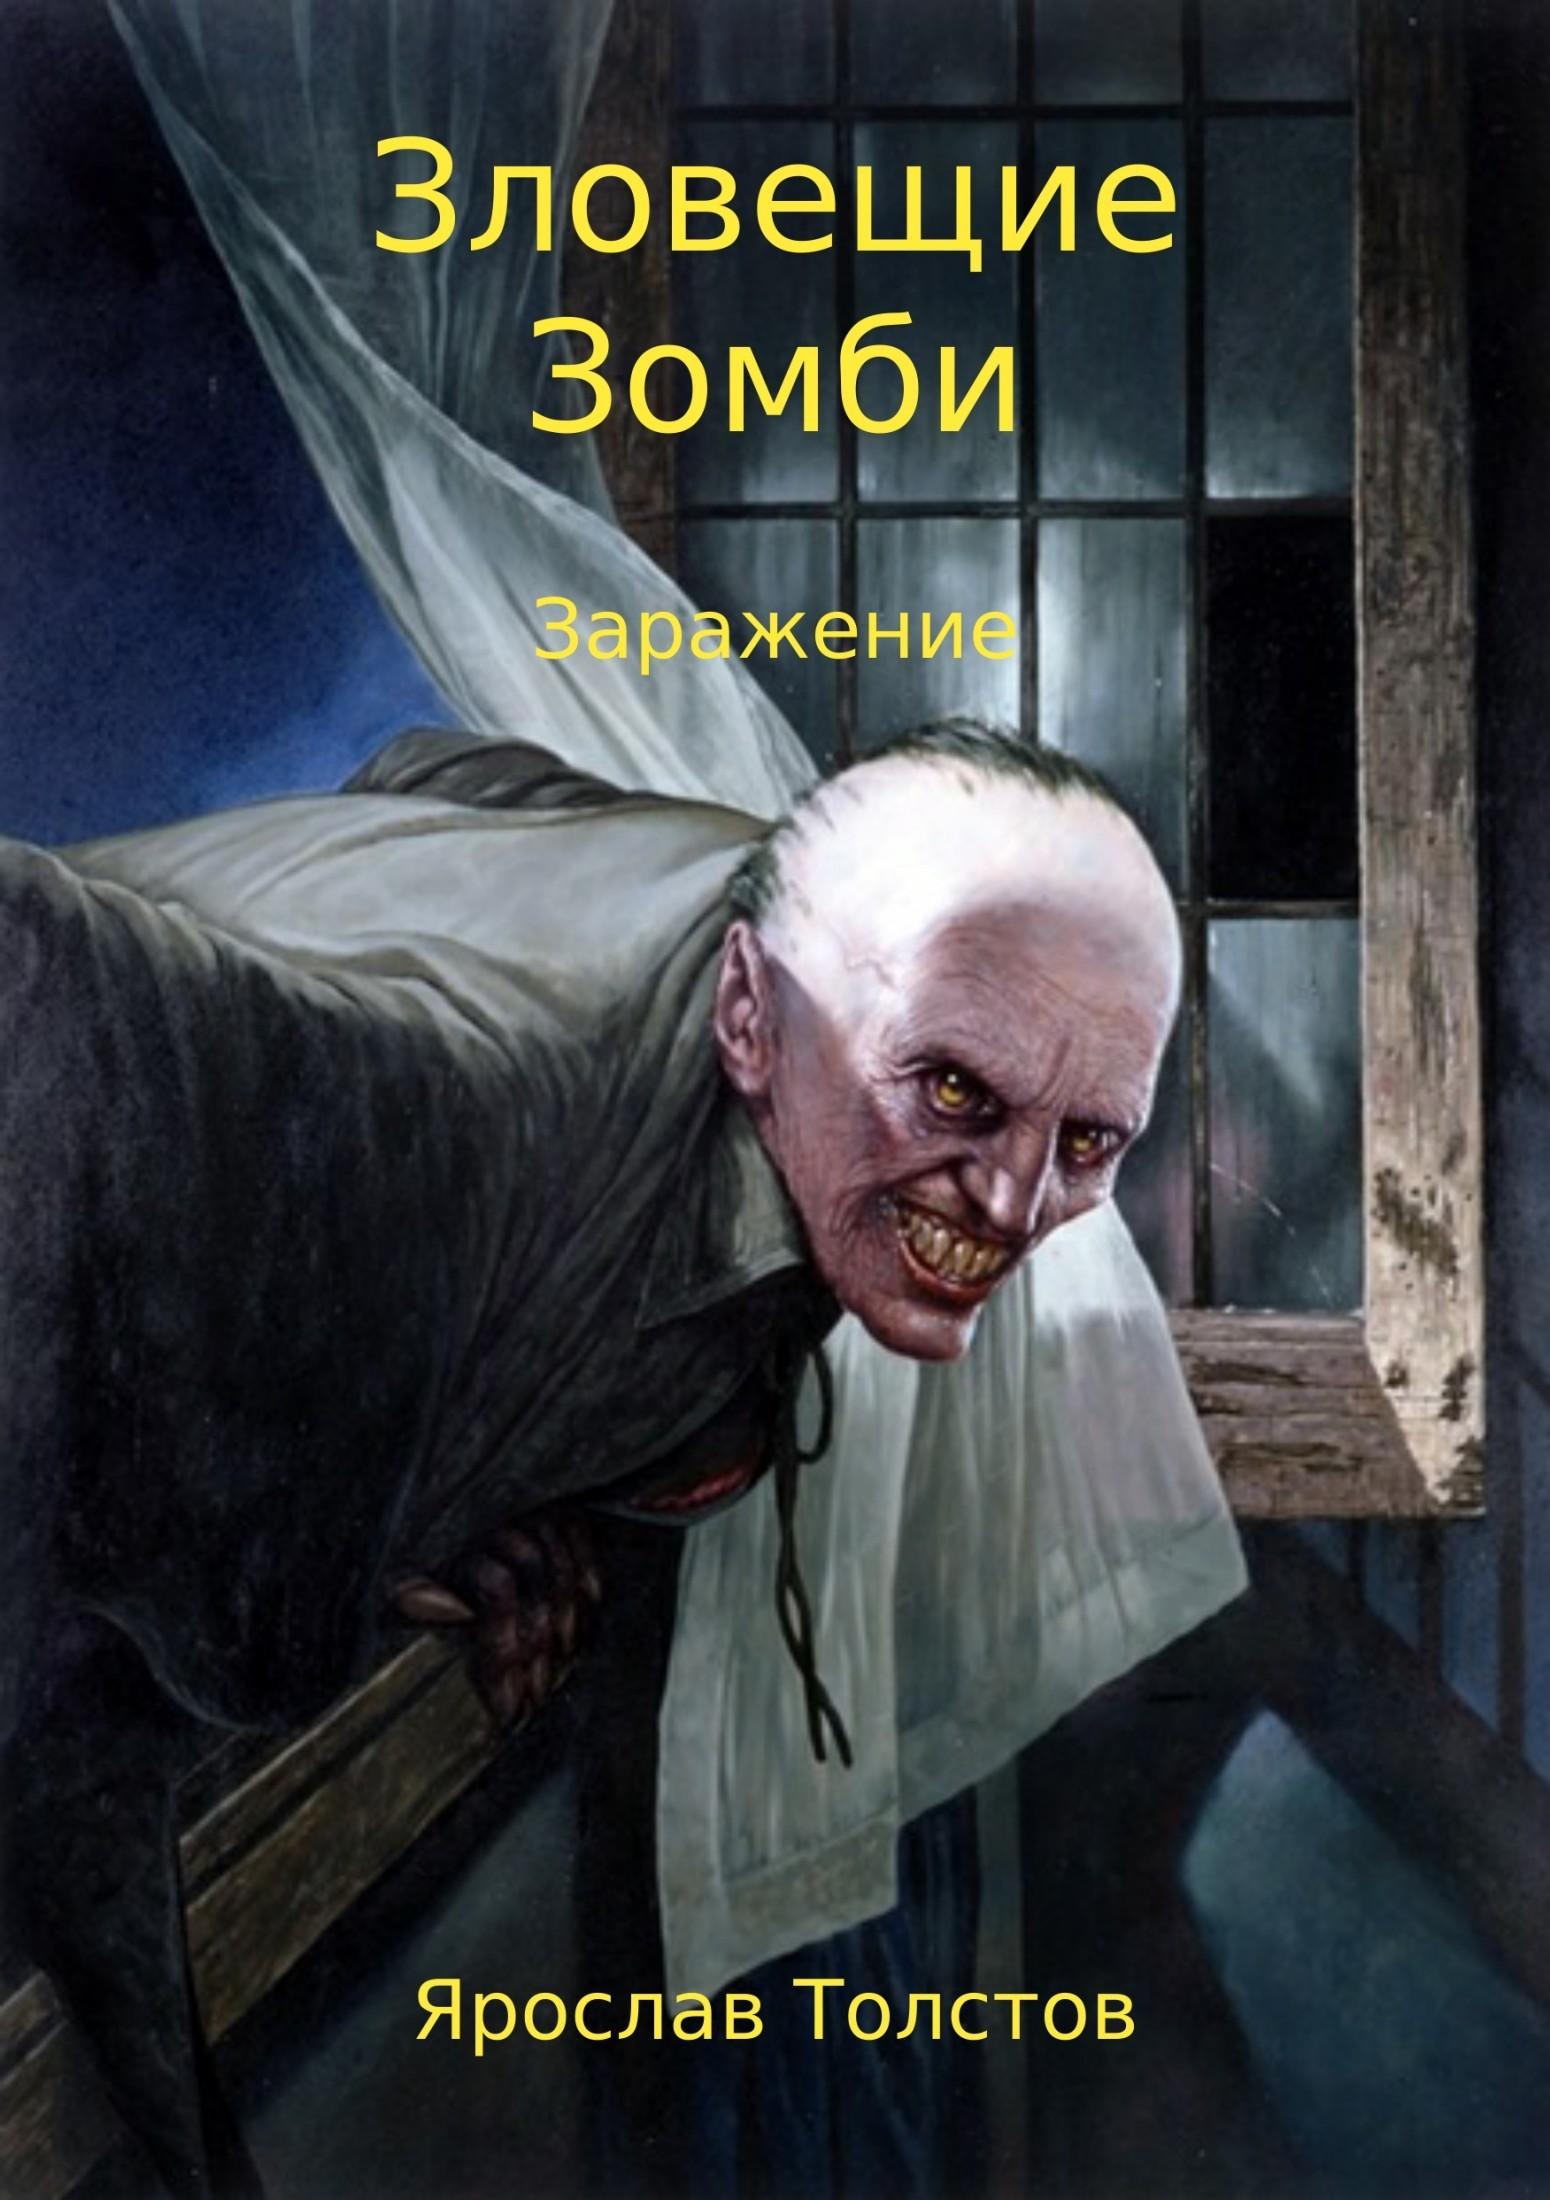 Зловещие зомби. Заражение